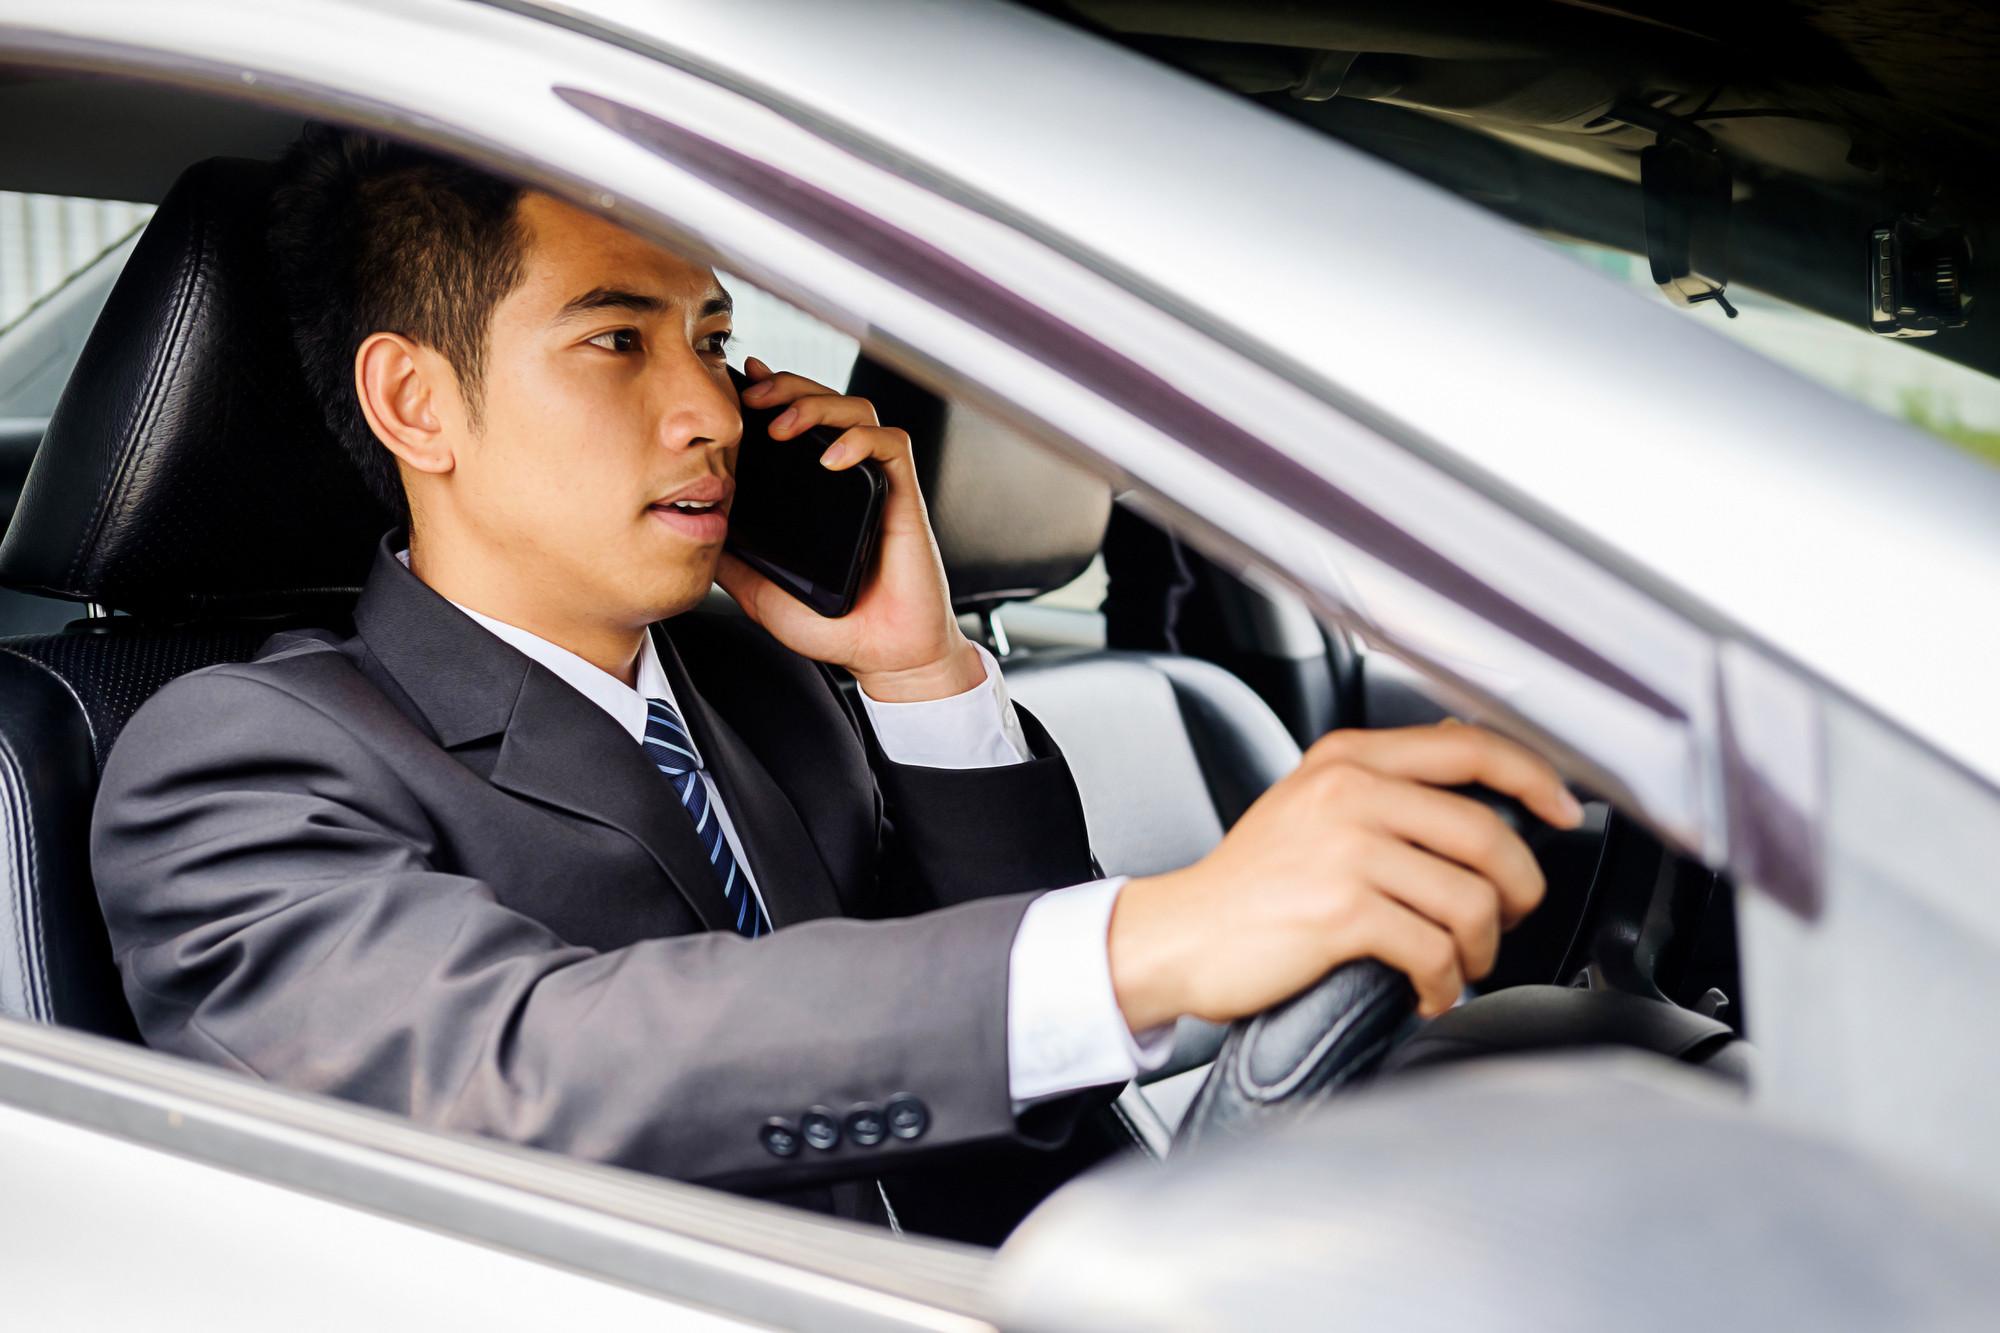 □専属運転手をするなら知っておきたい!今さら聞きにくい2つの疑問 ...